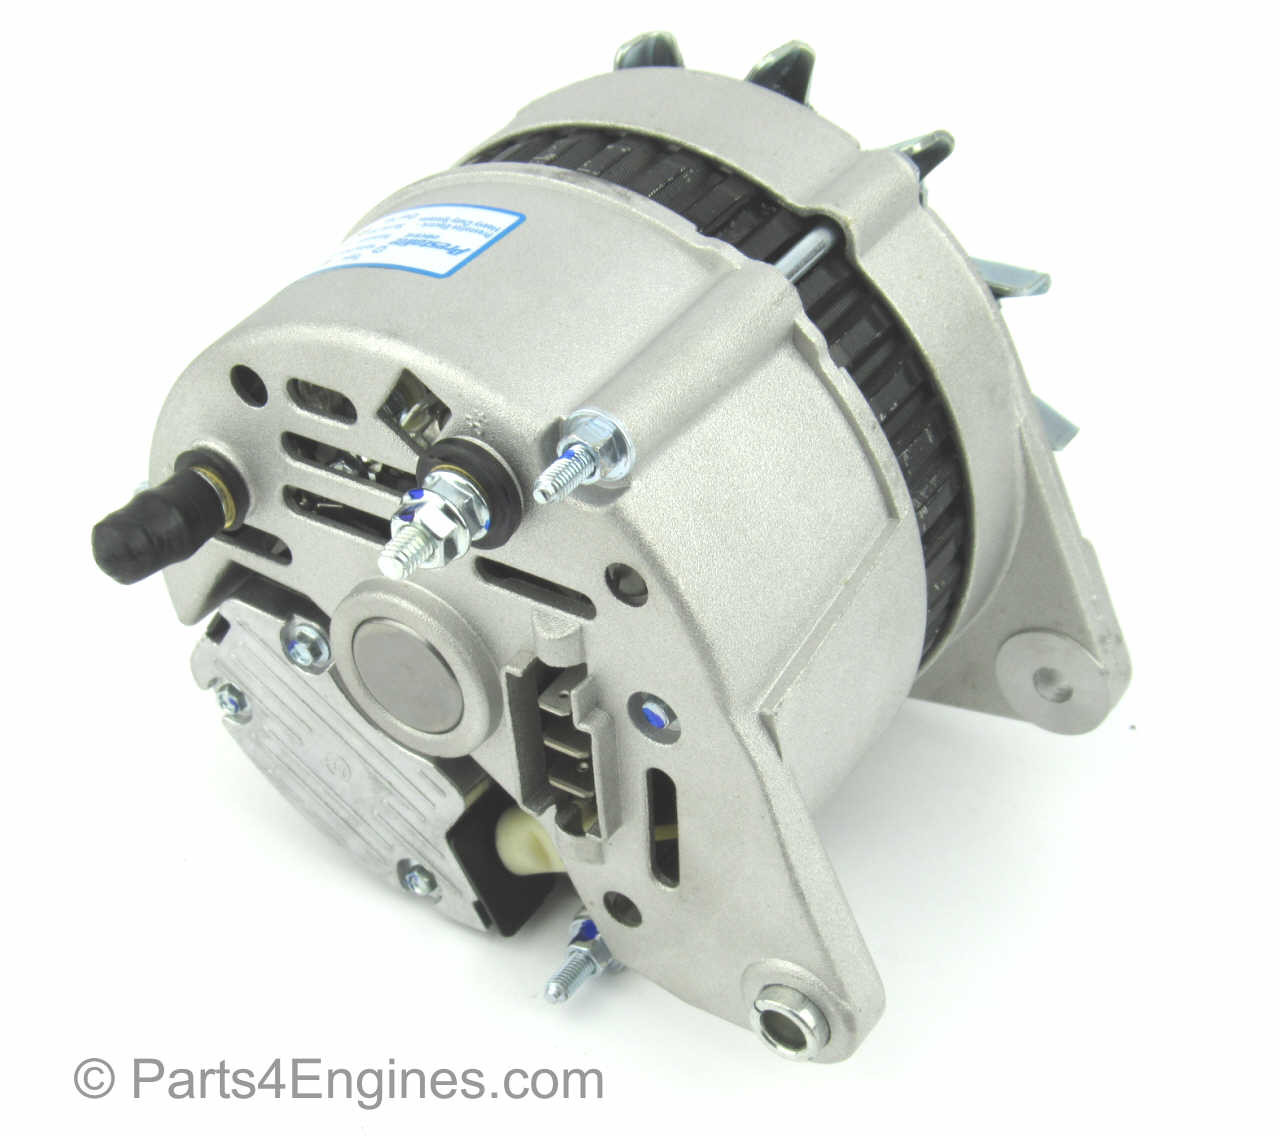 70amp Alternator (rear) - Perkins Prima M50 Alternator from parts4engines.com